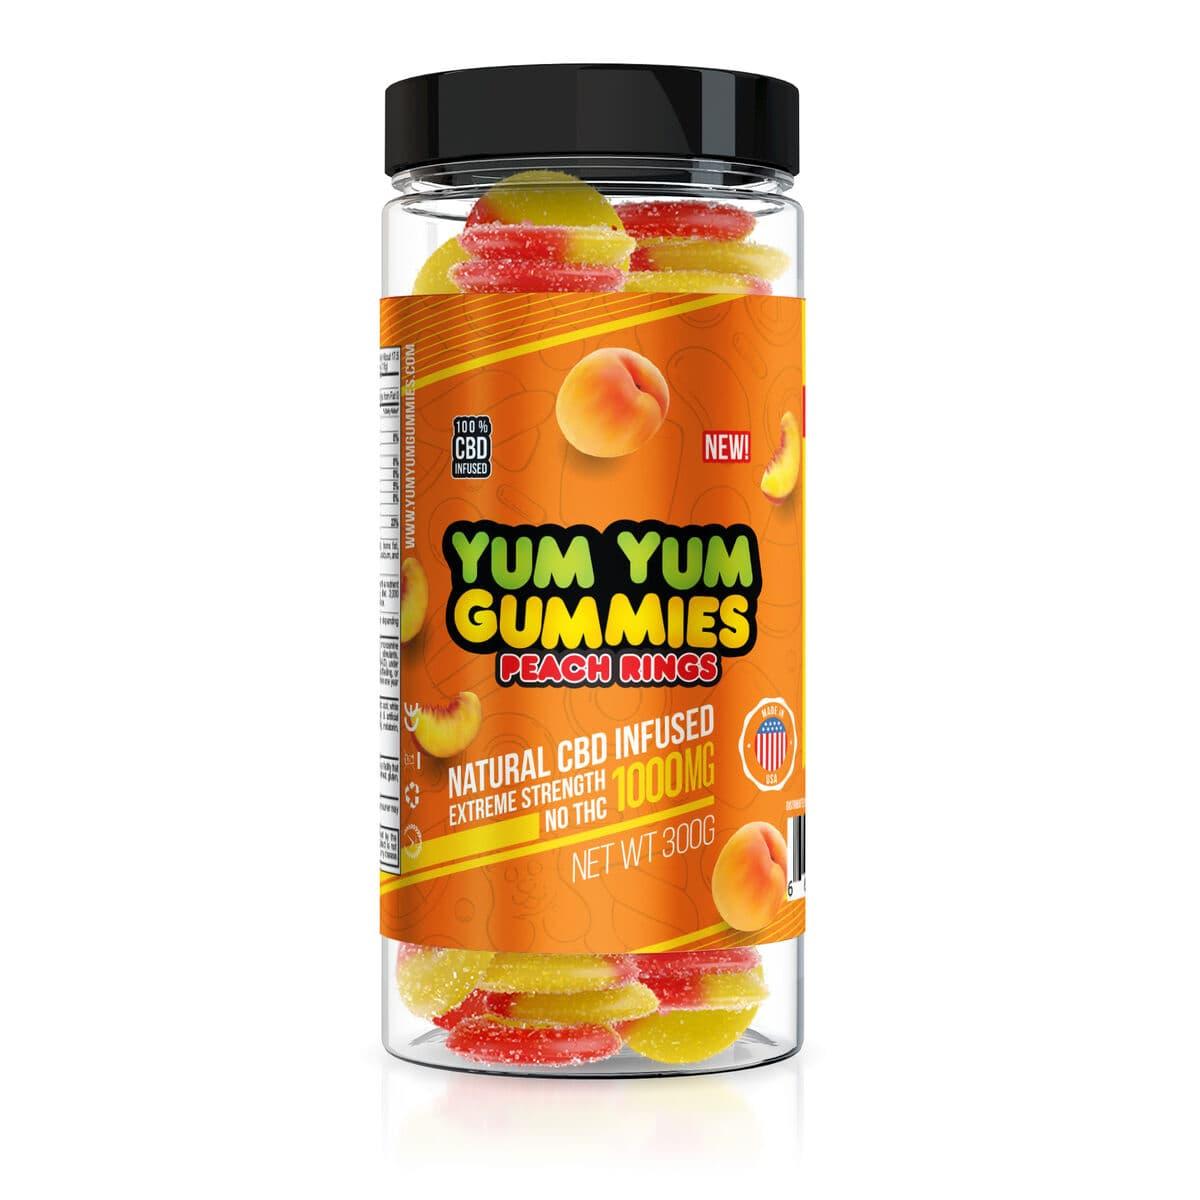 yum-yum-gummies-1000mg-cbd-infused-peach-rings-2